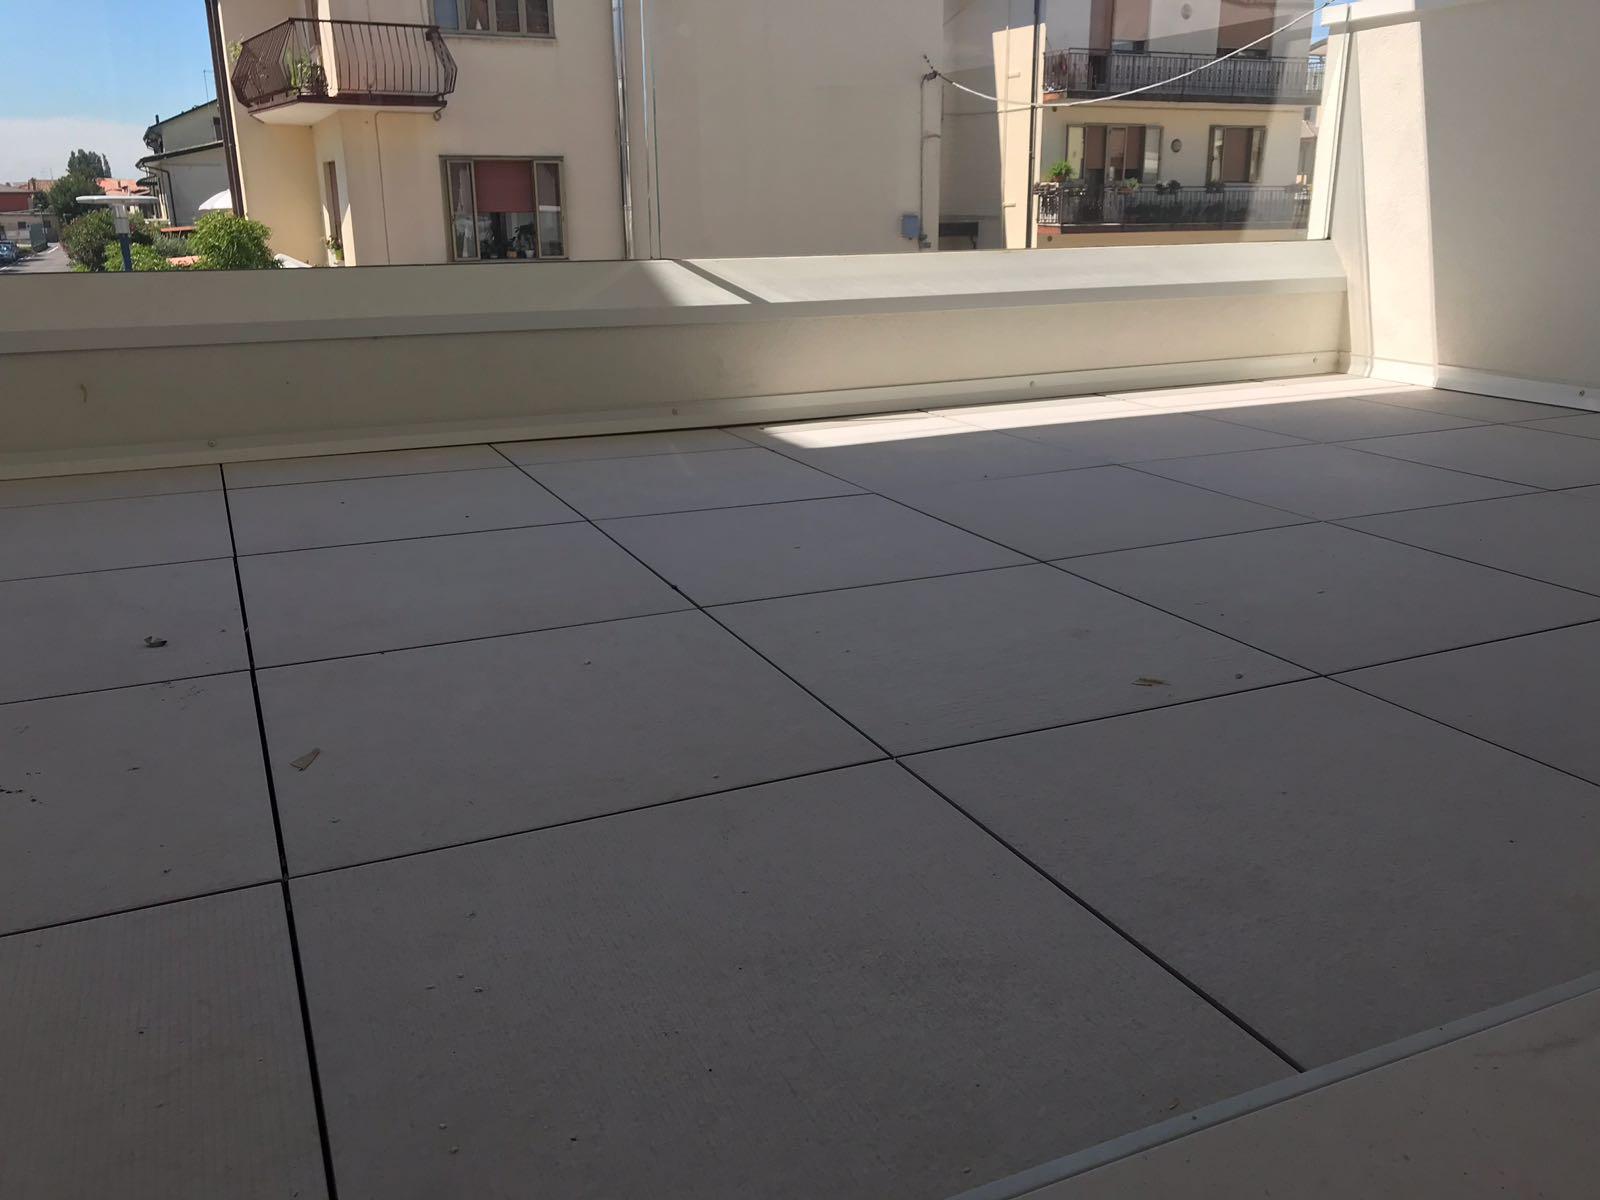 gres spessore 20mm per terrazzi esterni  Ceramiche